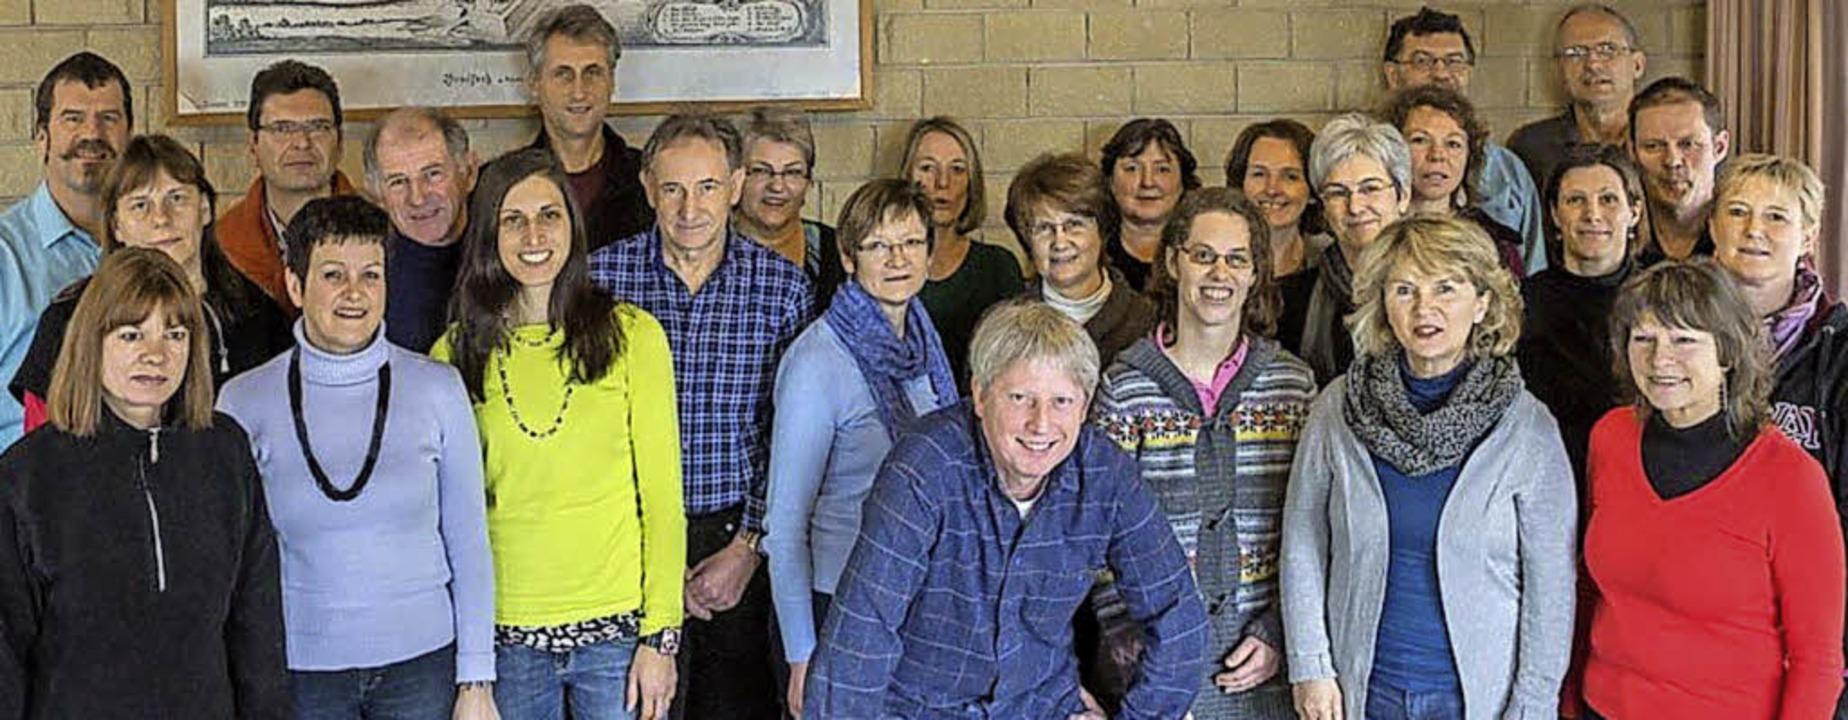 Drei neue Lieder studierte der Rockchor Ötlingen in Breisach ein.  | Foto: Privat